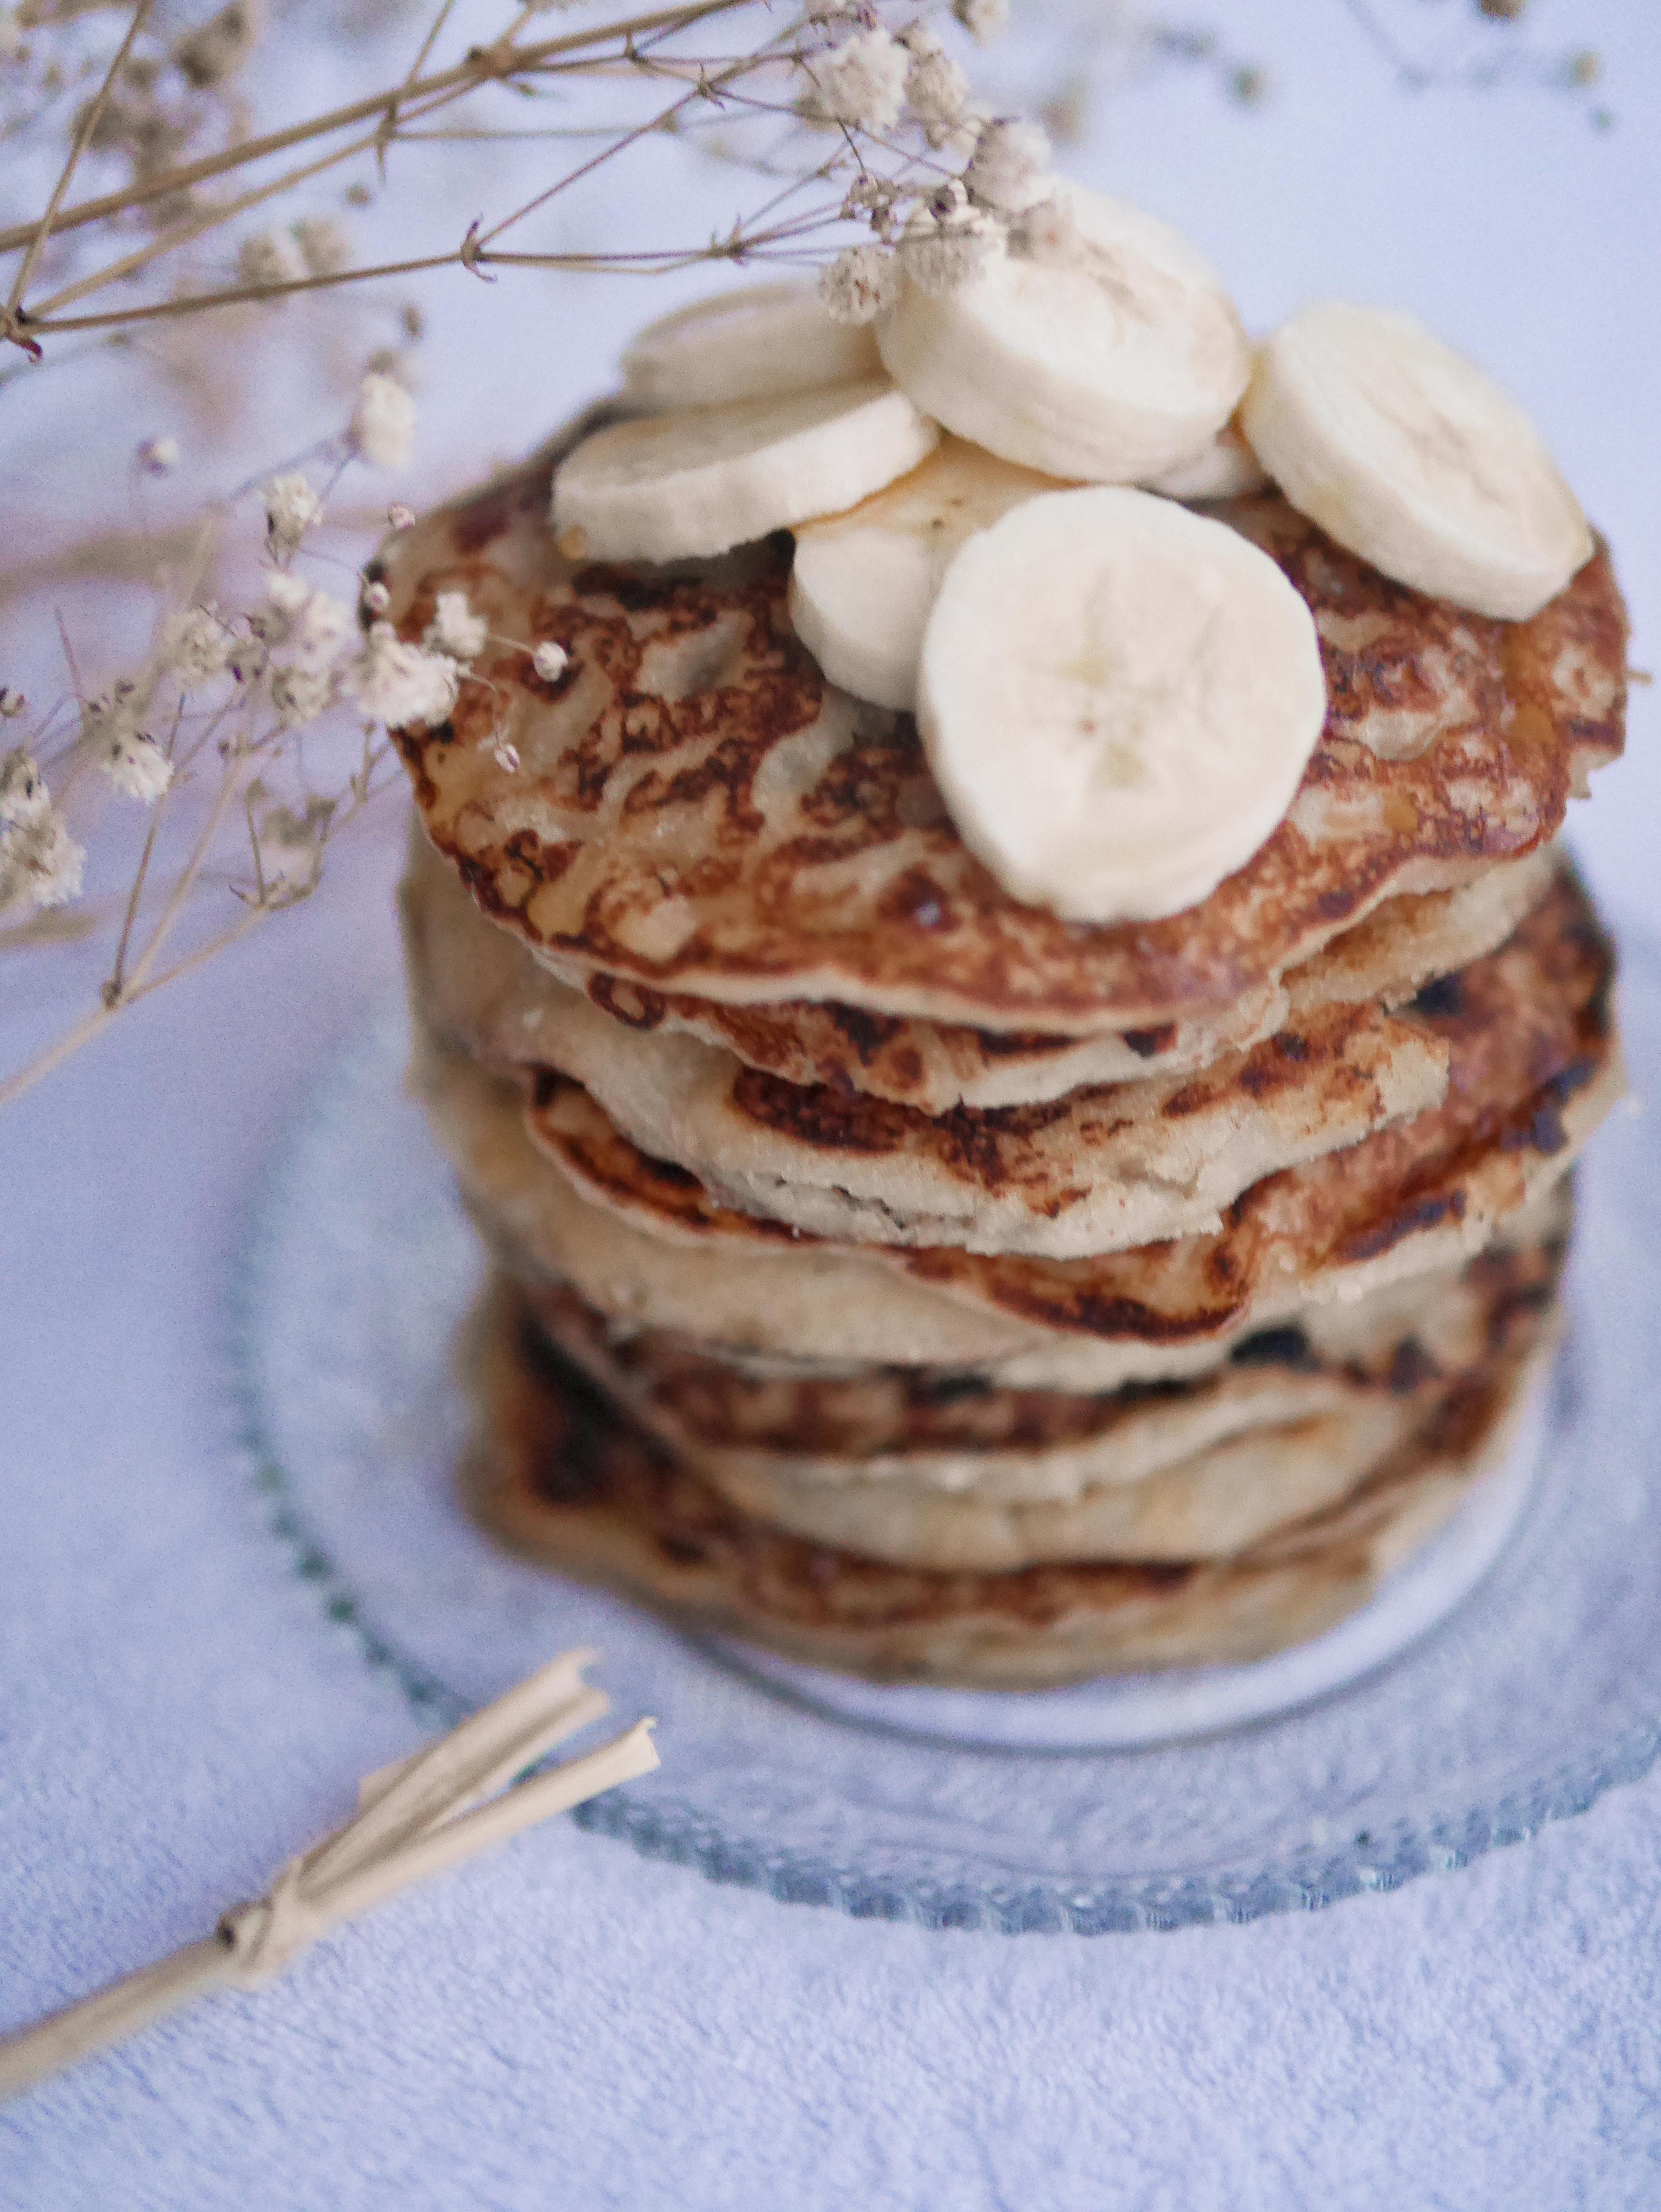 Pancakes moelleux à la banane 🍌 - Équilibres Des Sens